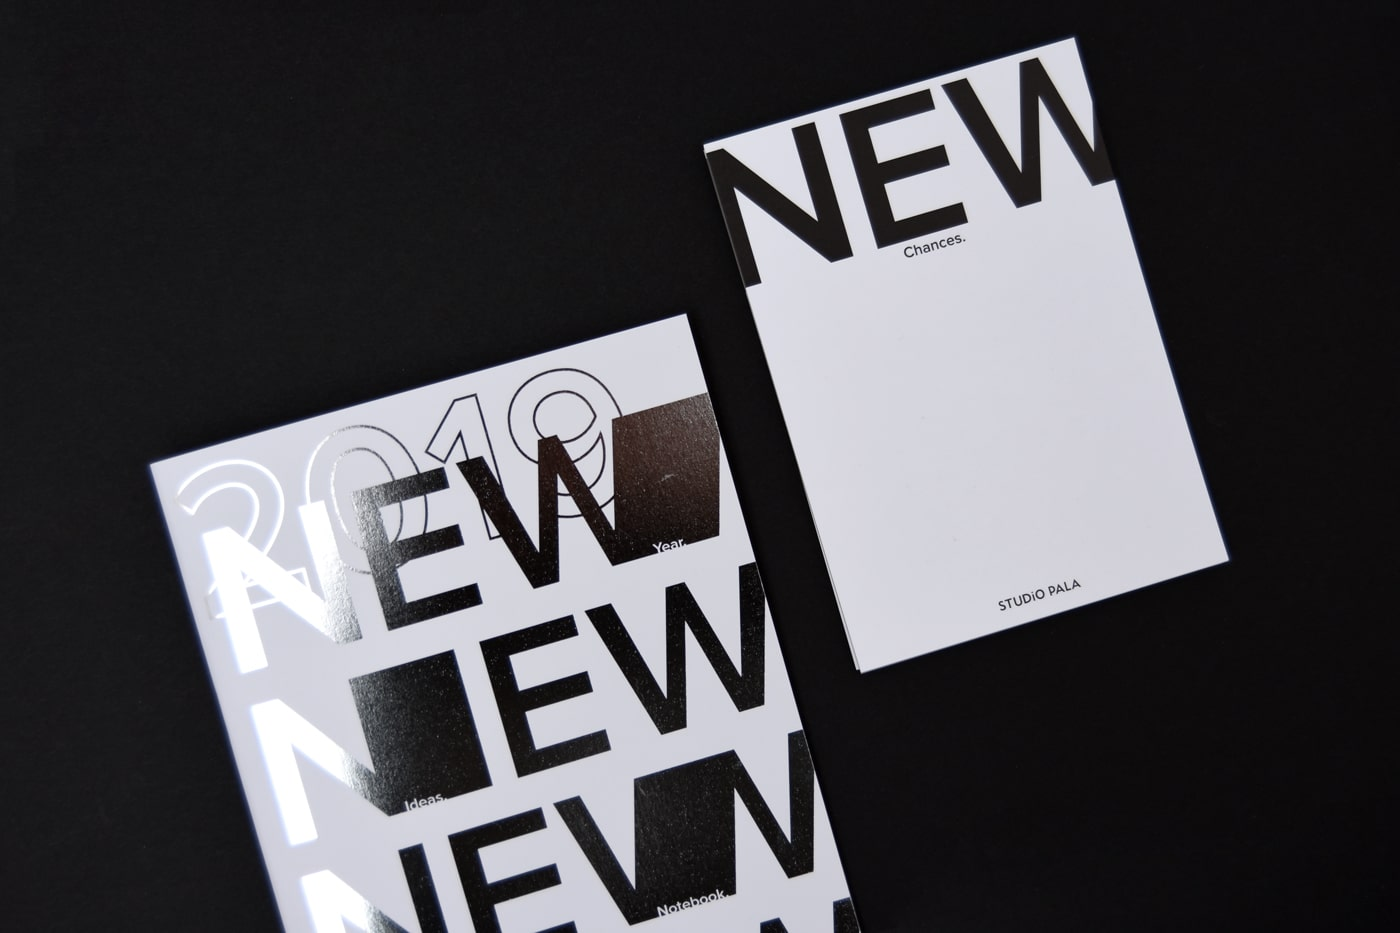 Notizbuch und Karte Design Studio Pala Weihnachten 2018